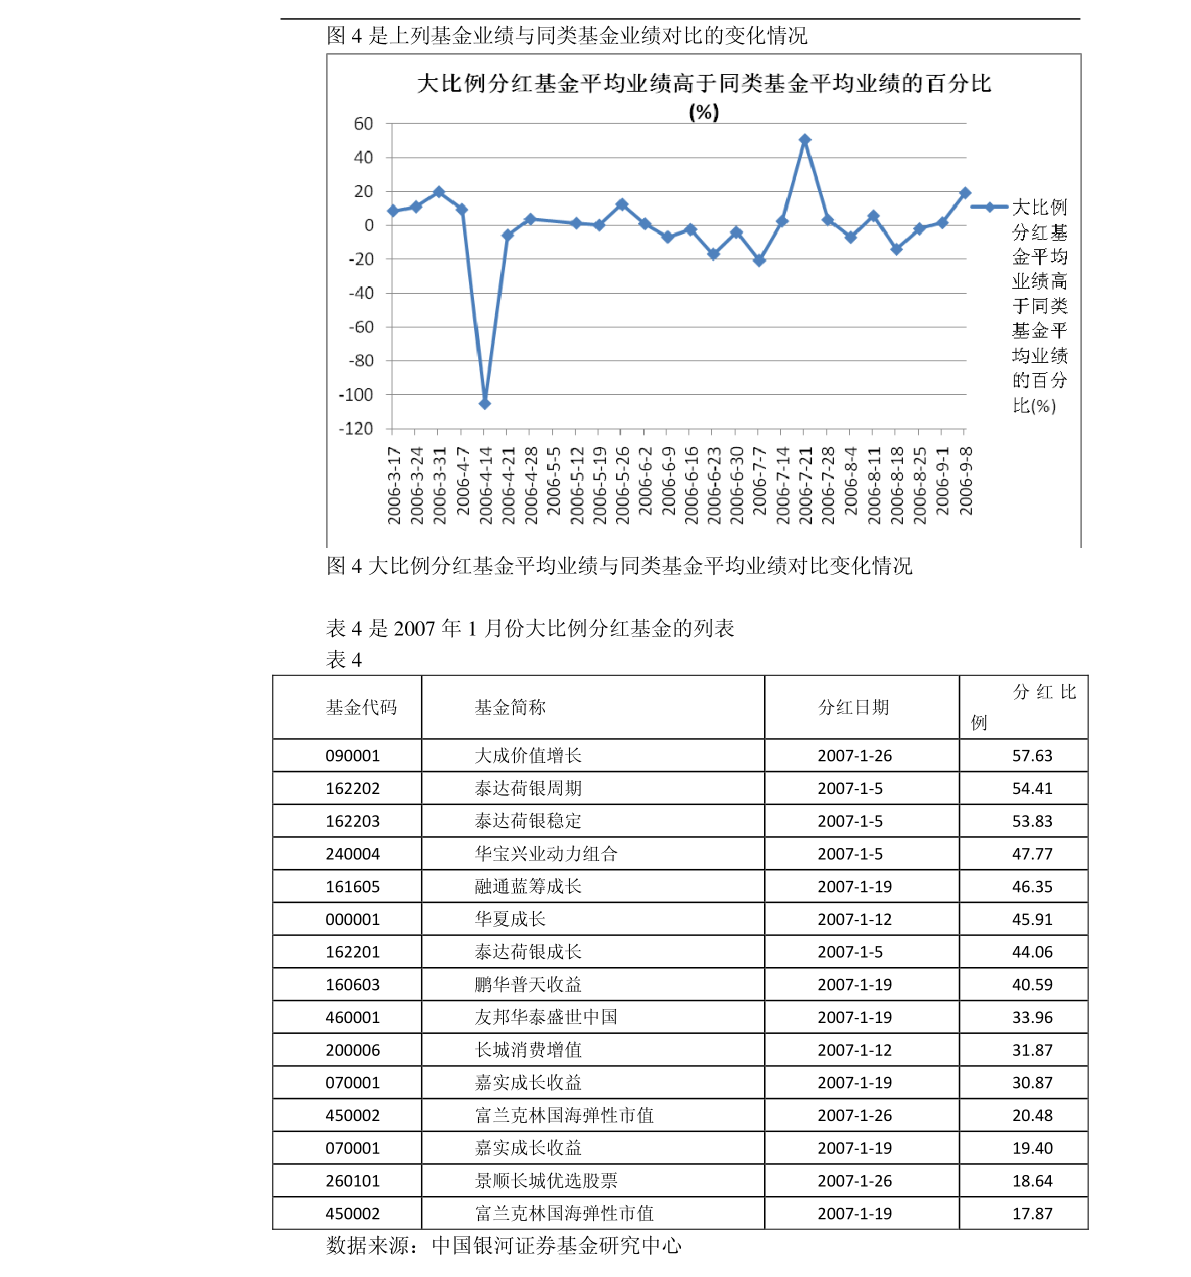 上海证券-策略周报-210322